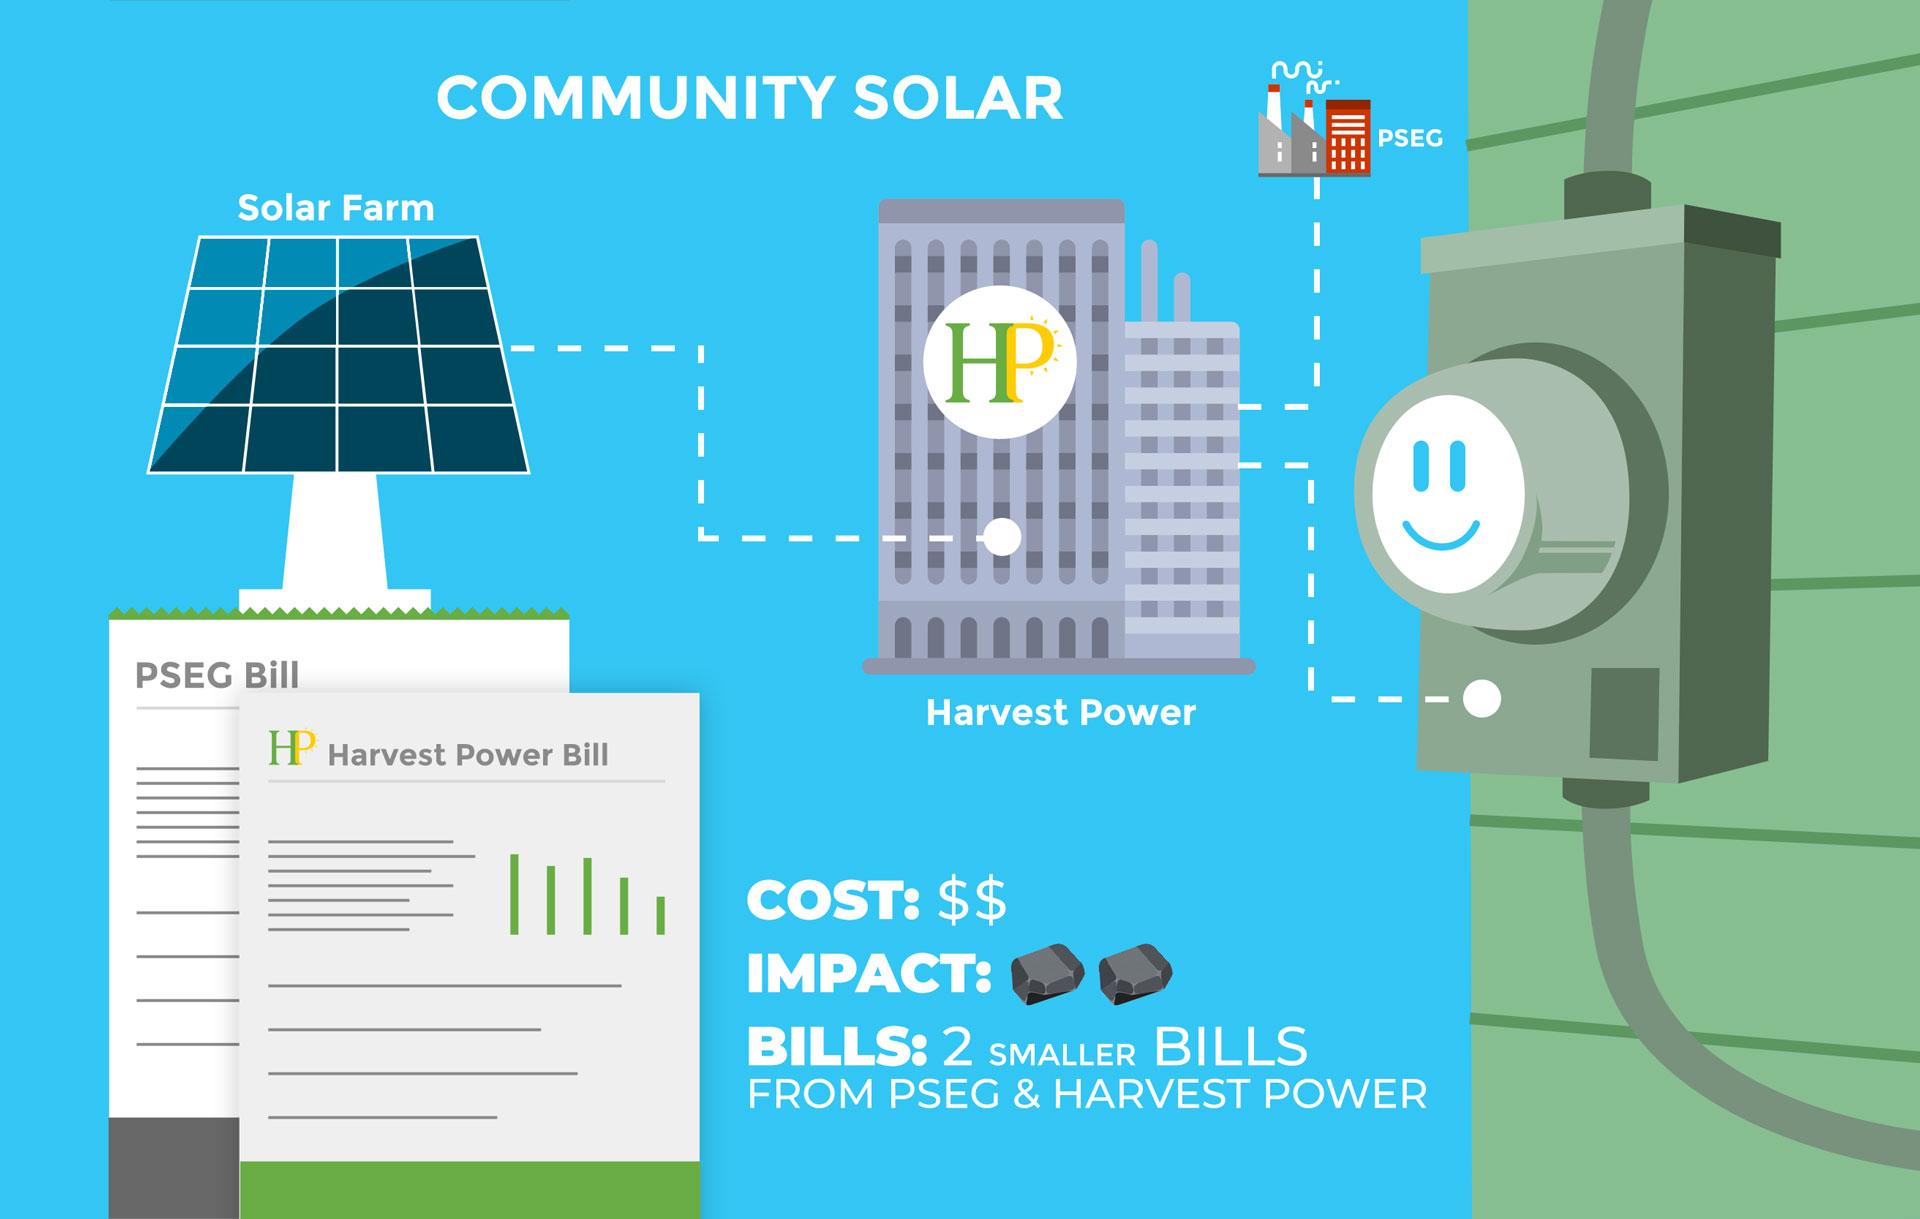 community solar comparison - after